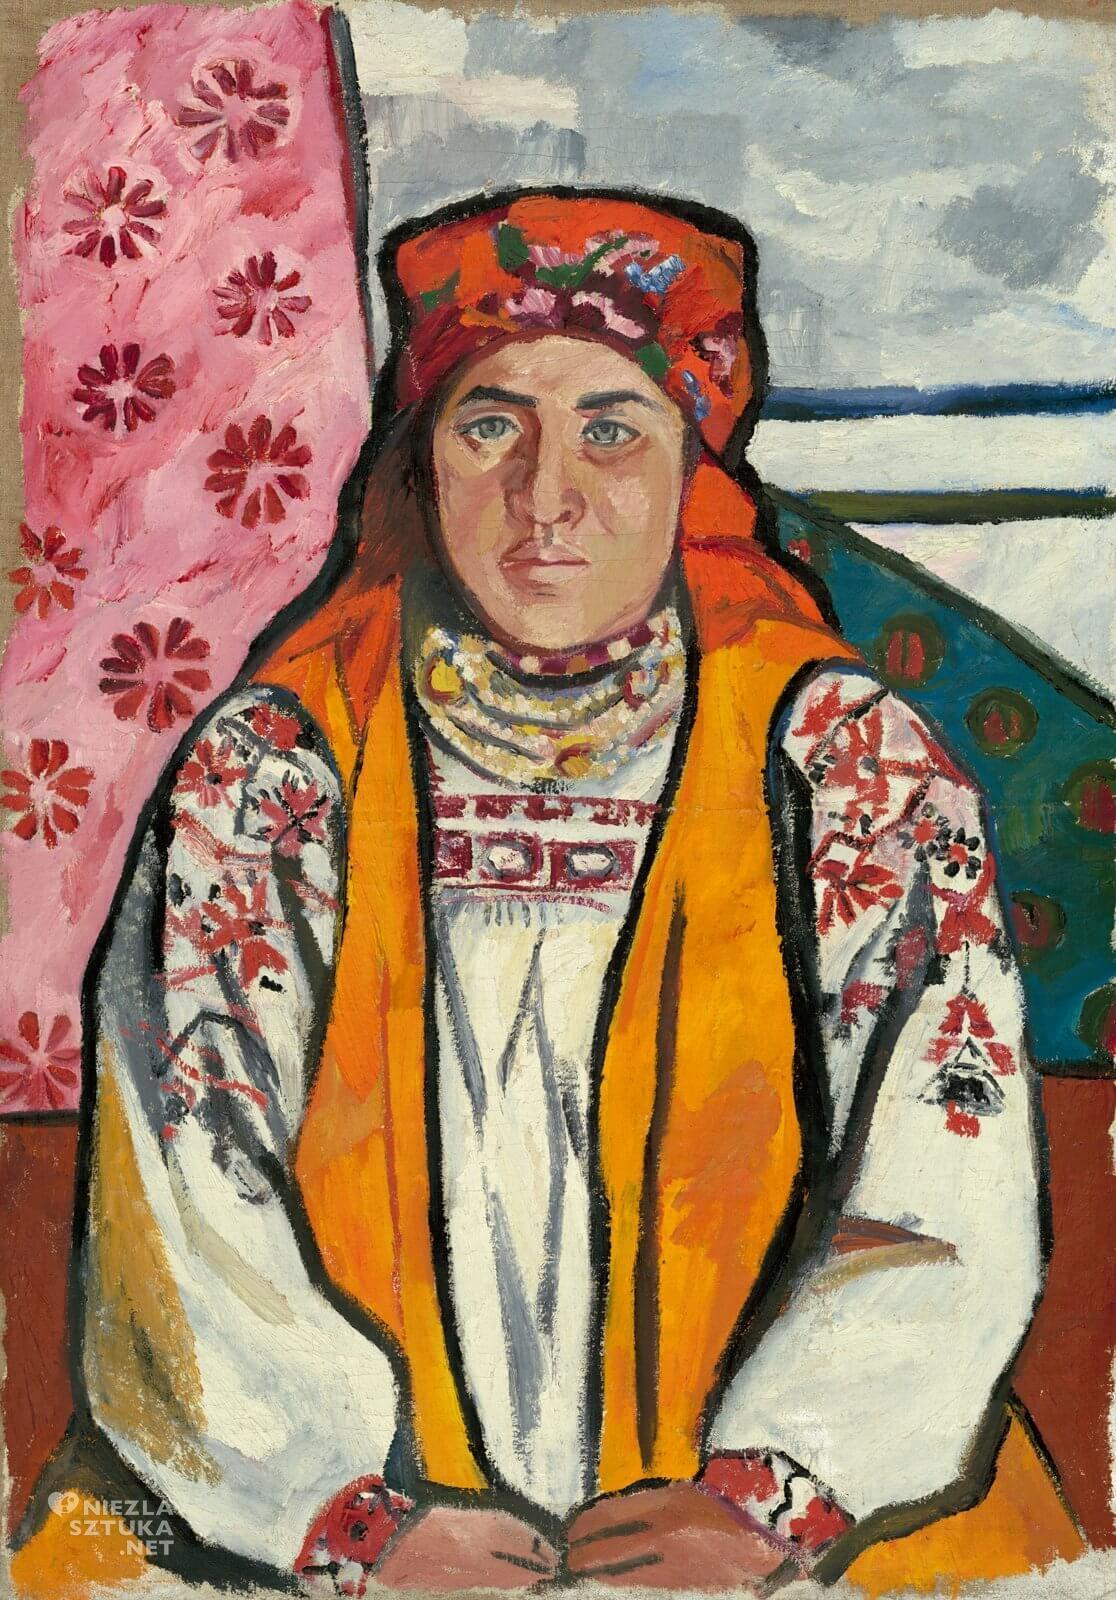 Natalia Gonczarowa, Niezła sztuka